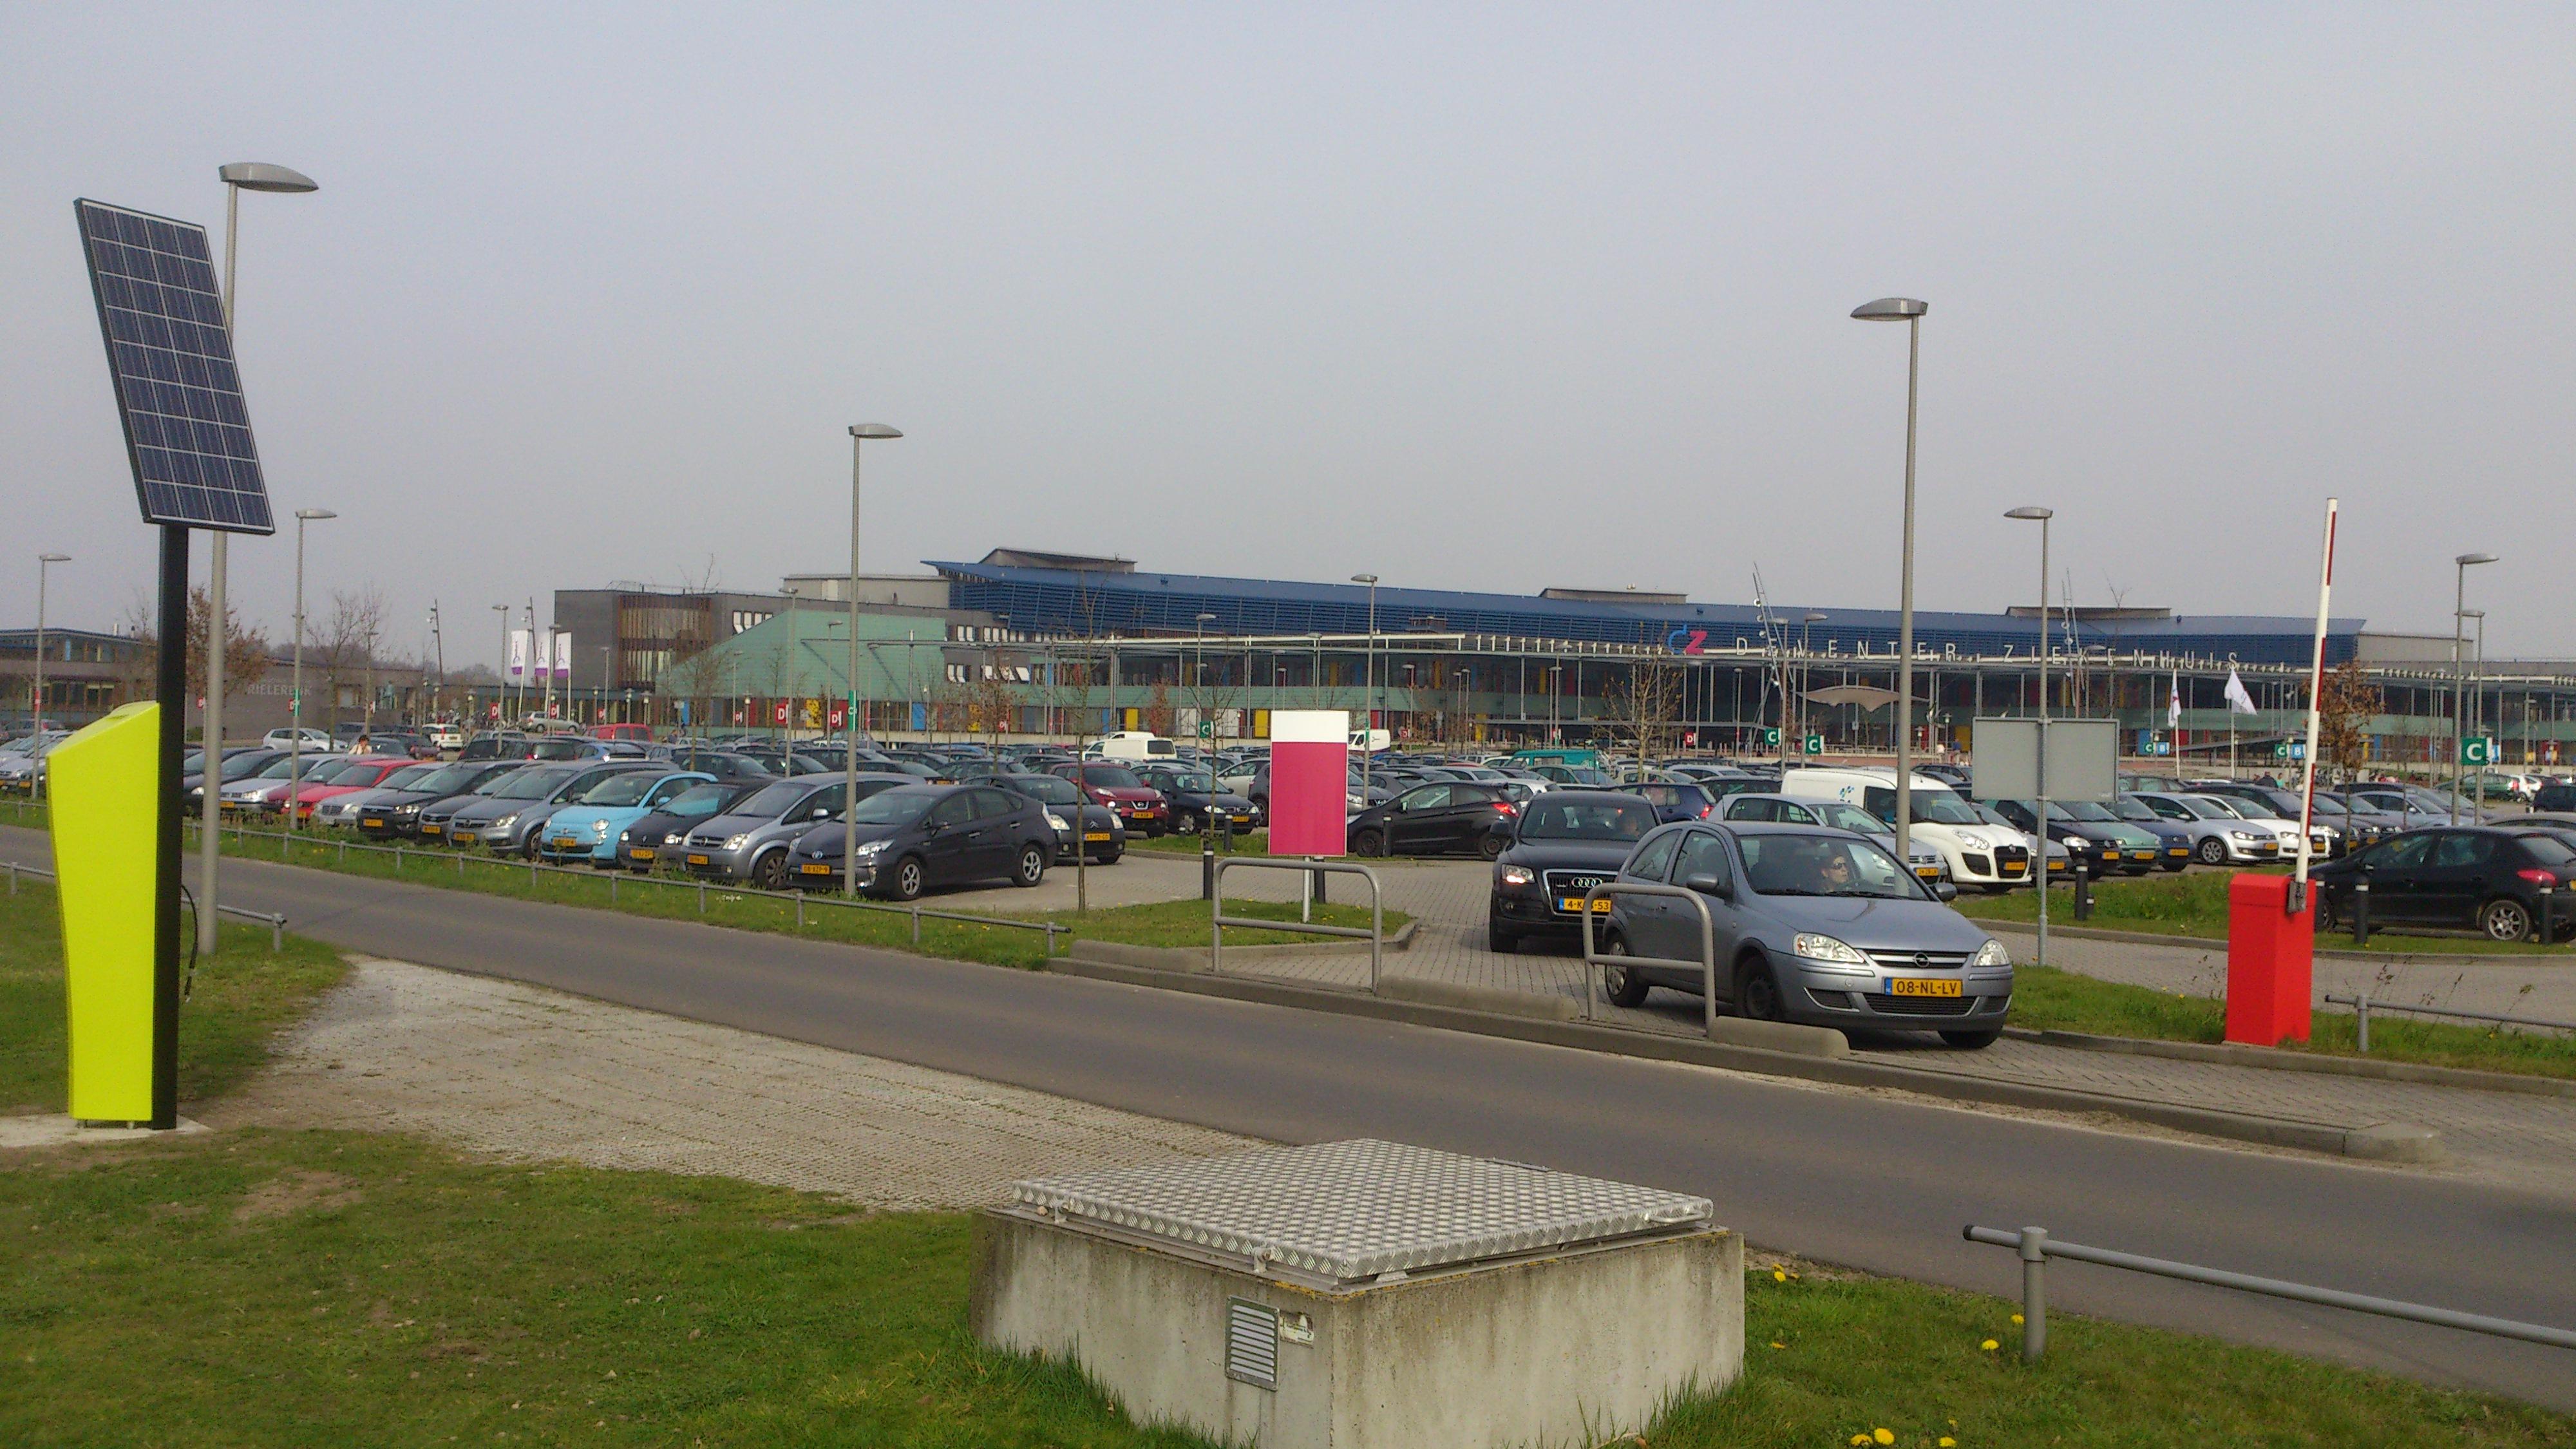 Bandenpomp op zonne-energie bij het Deventer Ziekenhuis